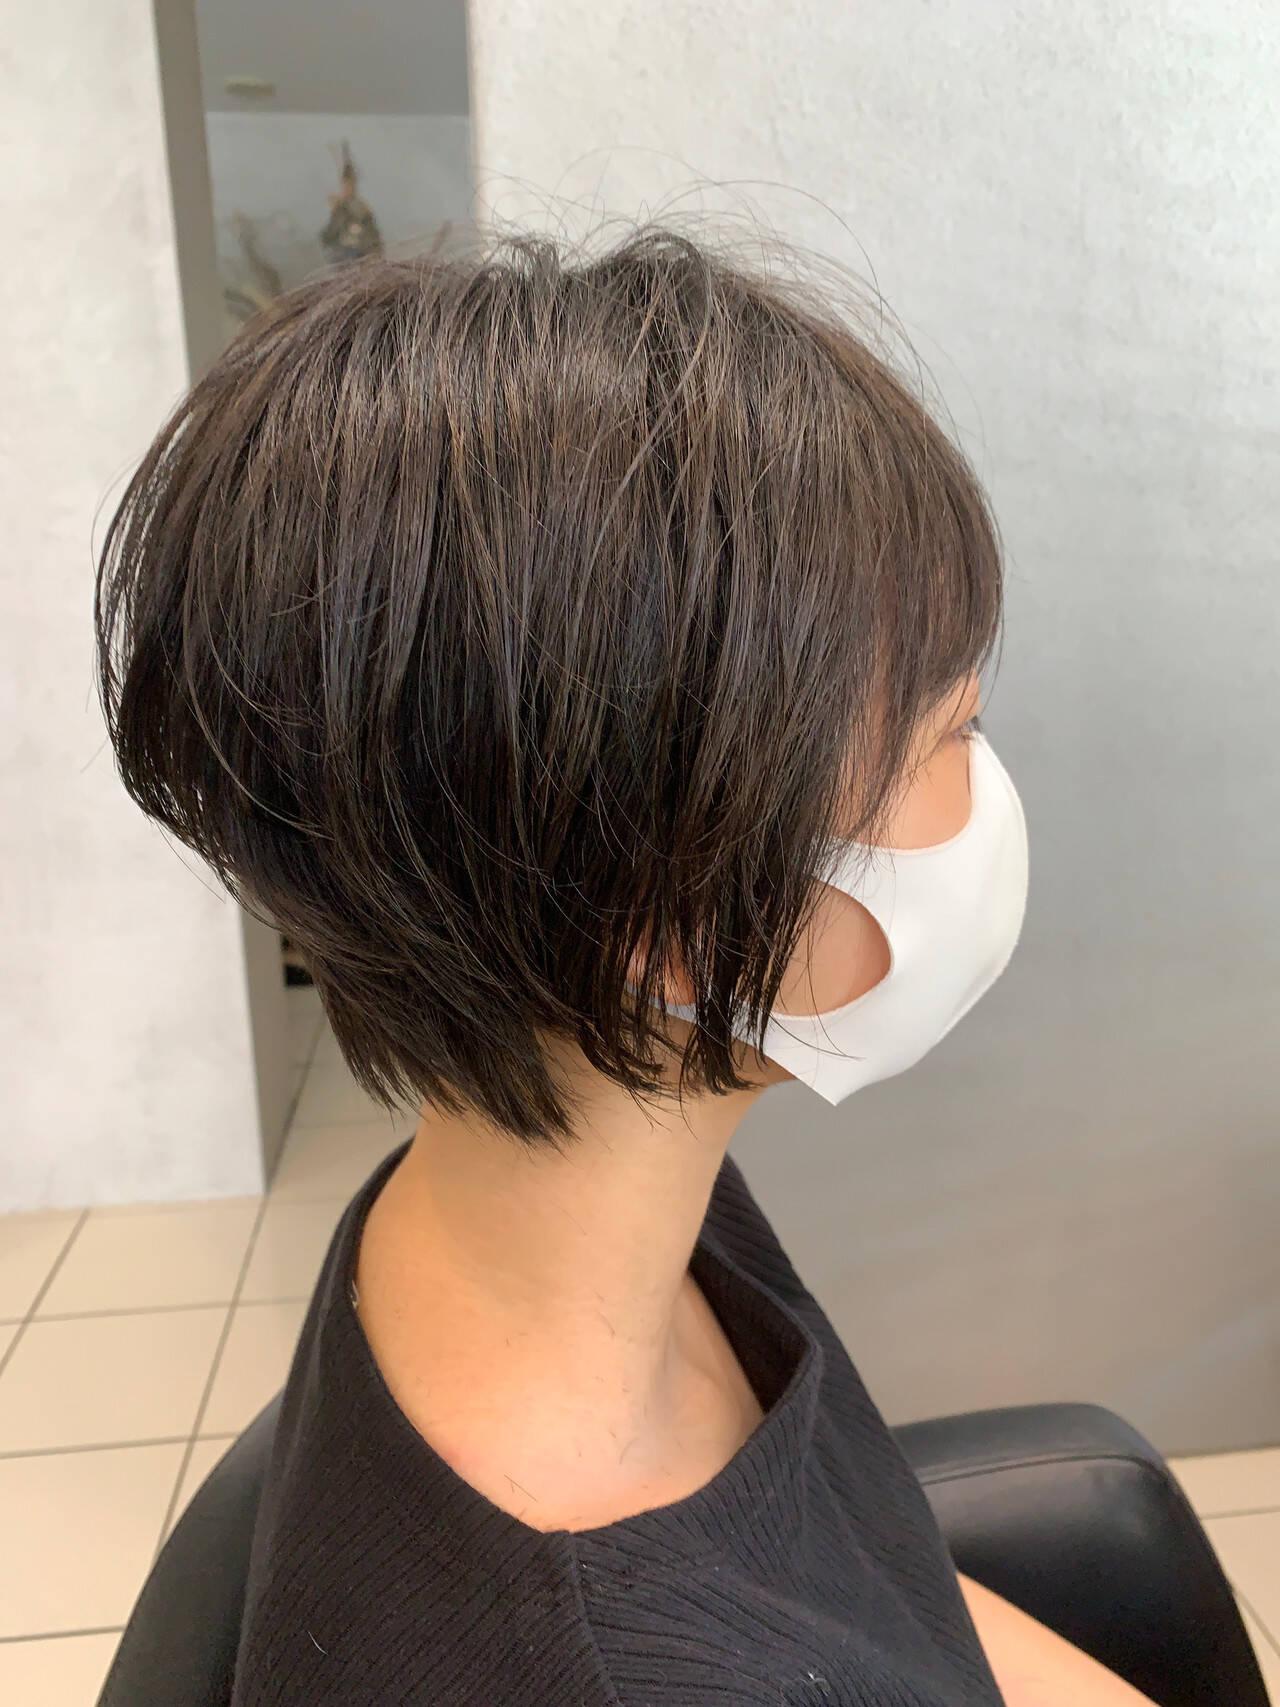 ショートボブ ショートヘア ナチュラル可愛い ミニボブヘアスタイルや髪型の写真・画像